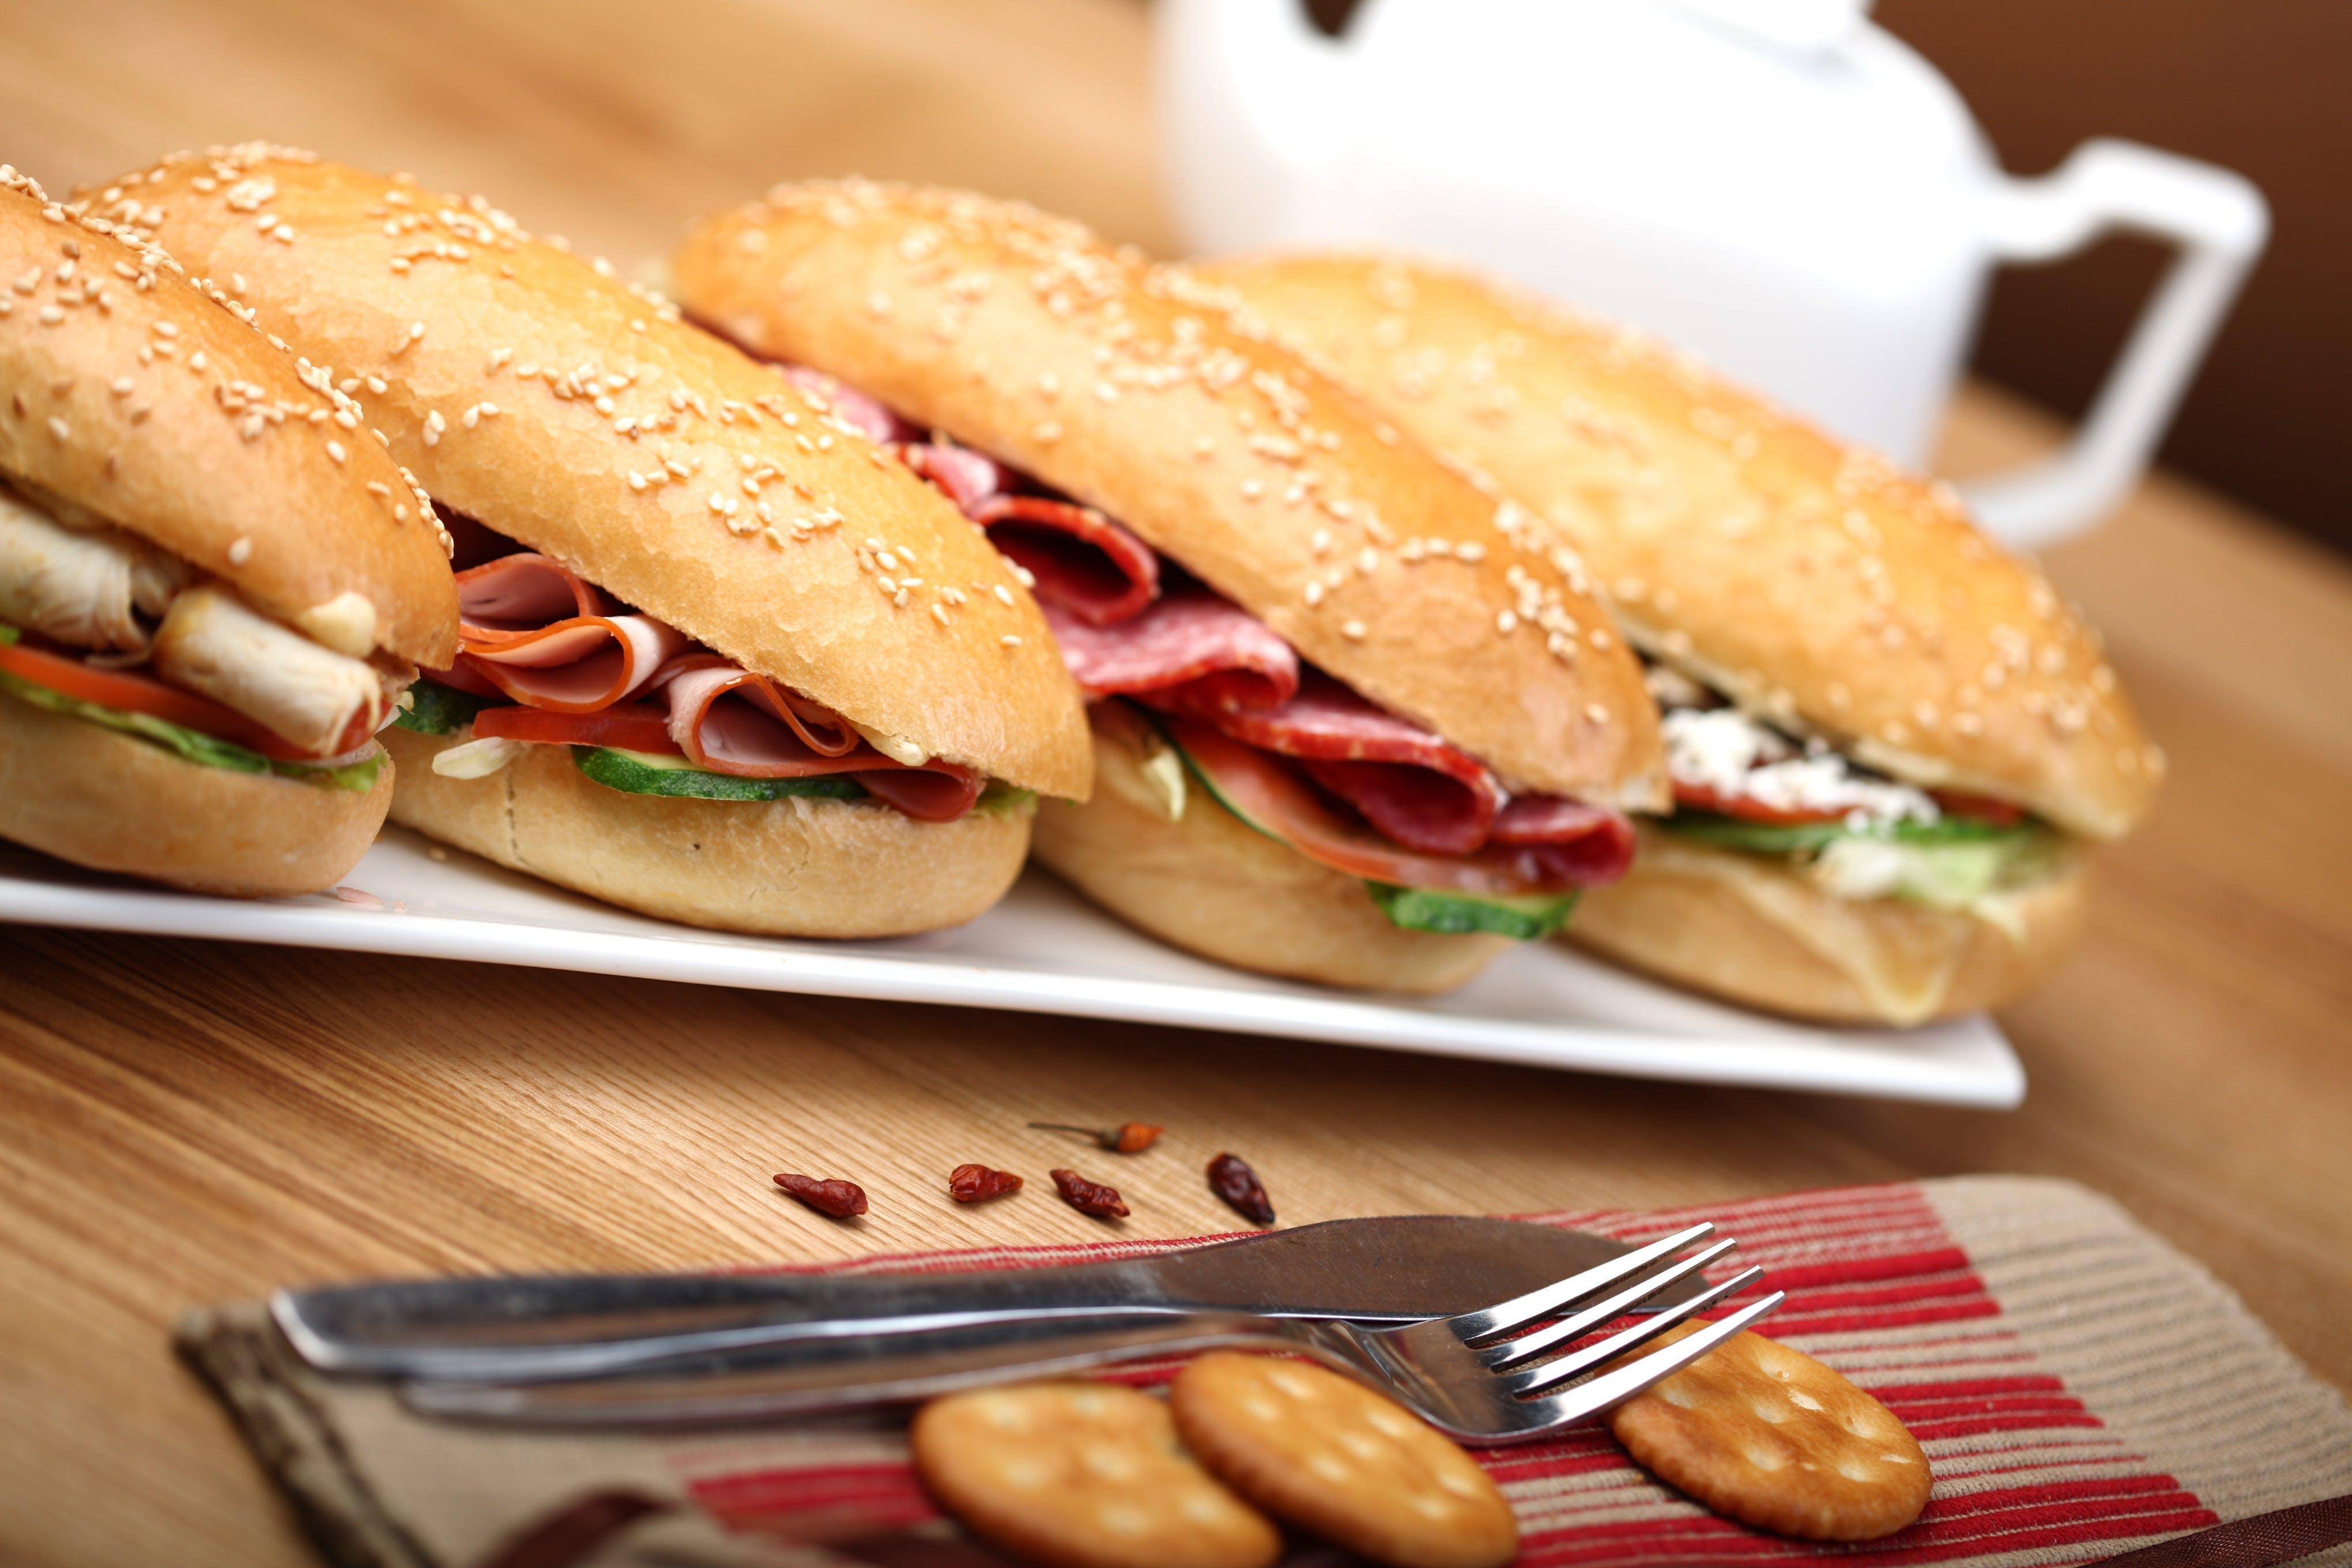 Foto profissional grátis de alimento, almoço, biscoitos, carne